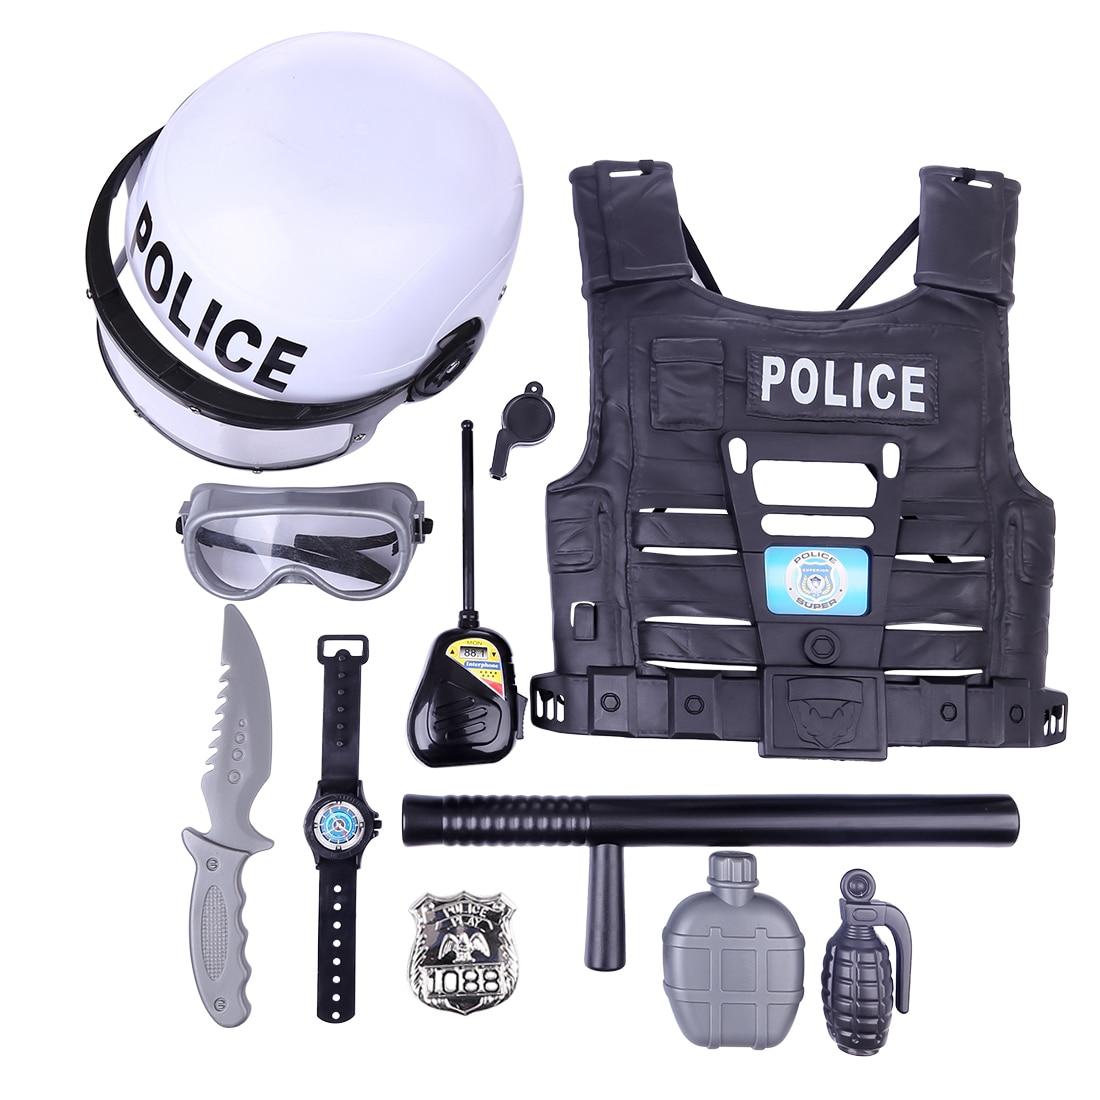 conjunto de brinquedos para criancas jogo popular de 11 pecas de simulacao de policial para meninos